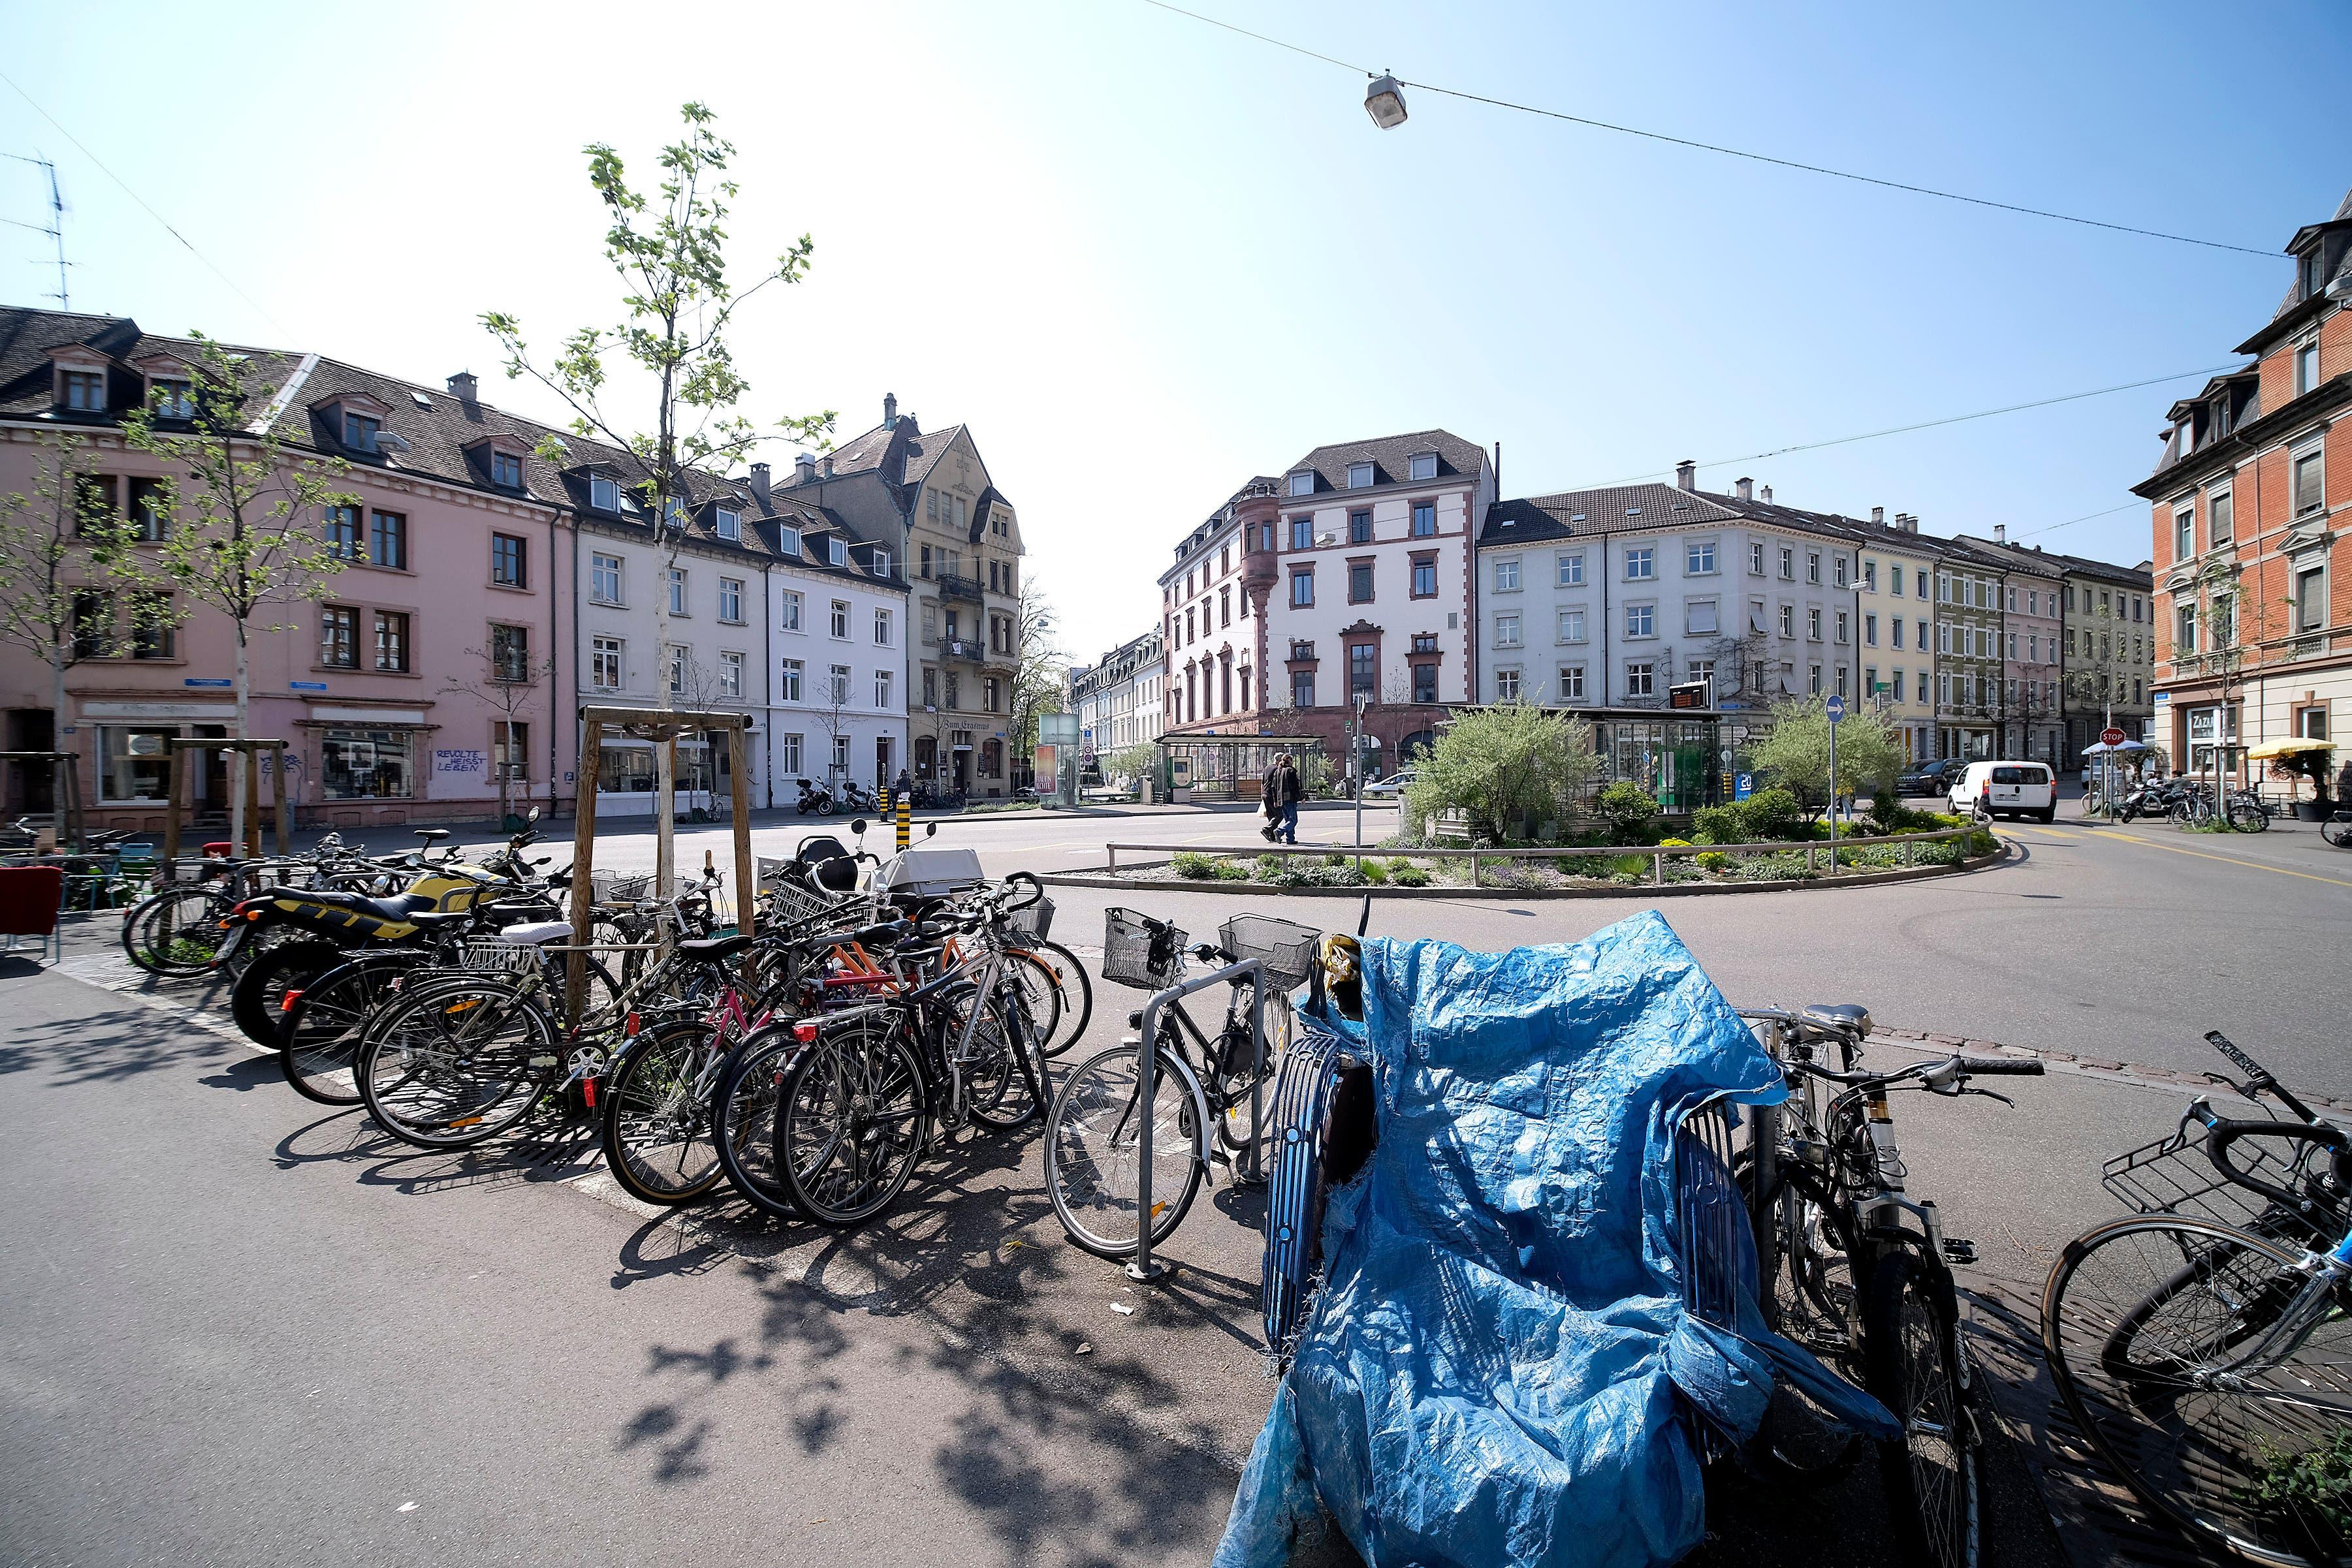 Rund um den Erasmusplatz stehen immer viele Velos.